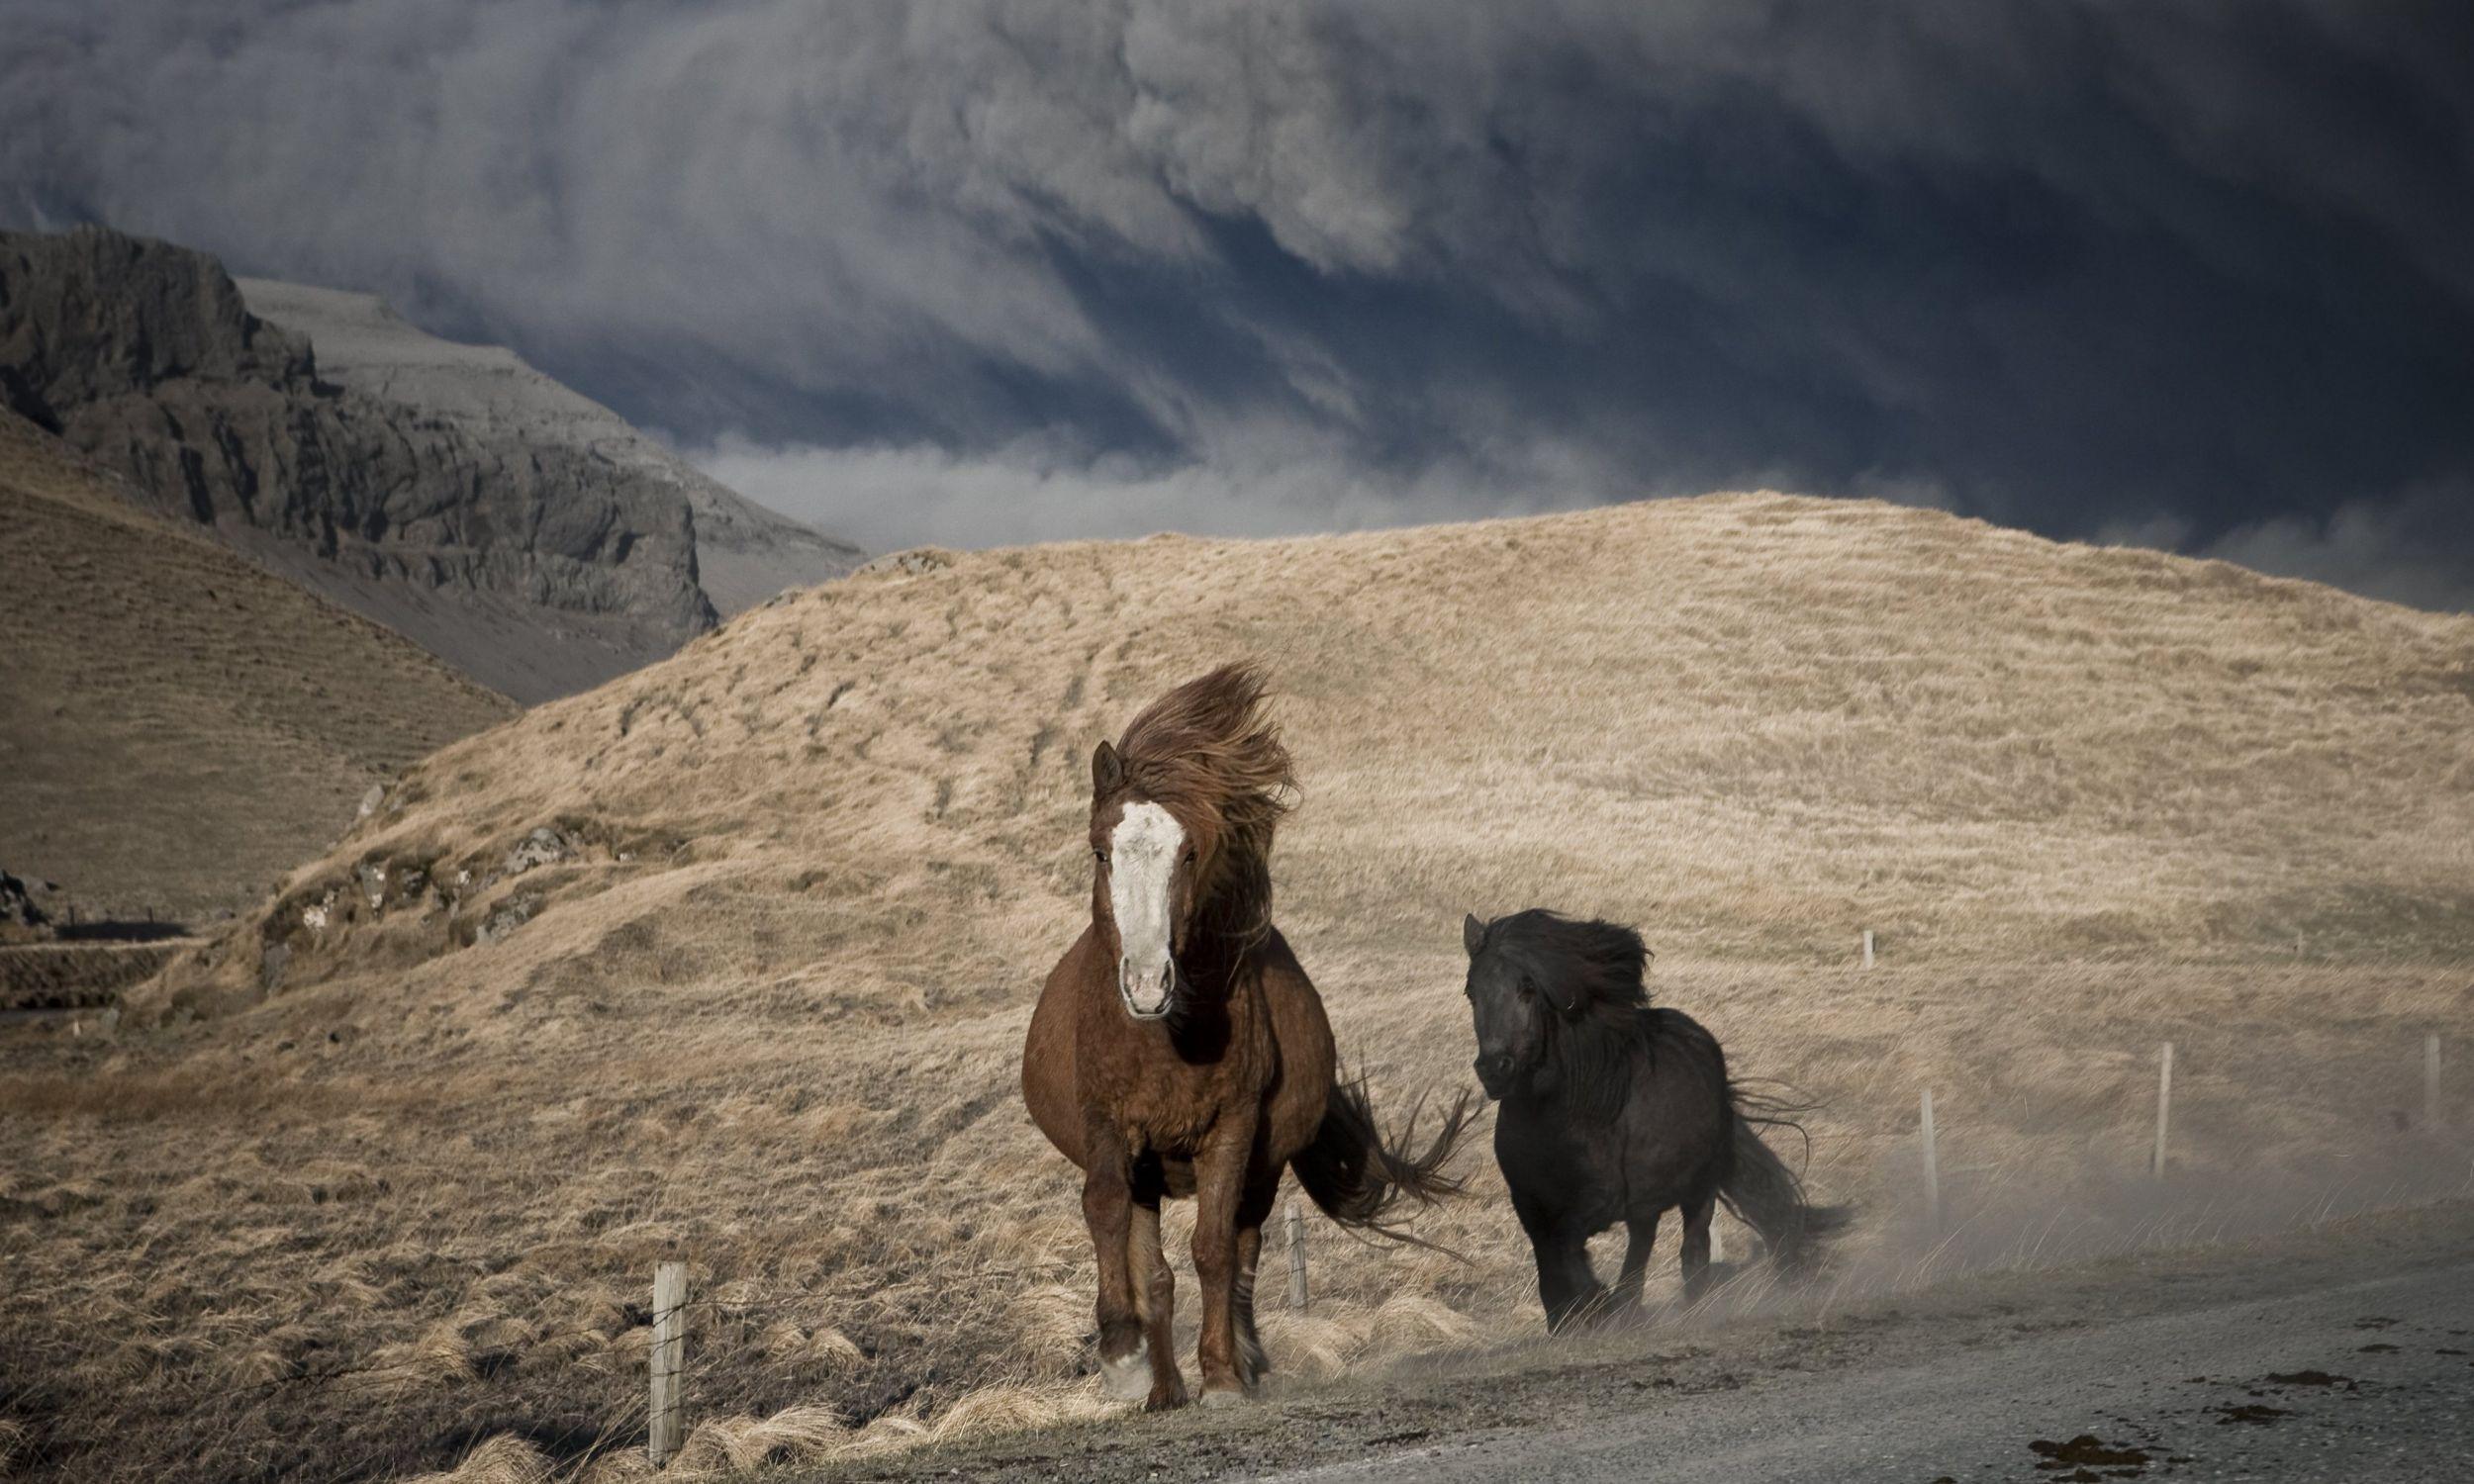 Wybuch wulkanu Eyjafjallajökull na Islandii w kwietniu 2010. Konie gromadzą się w stada i uciekają przed pyłem wulkanicznym. Fot. Rakel Osk Sigurda / NordicPhotos / Getty Images